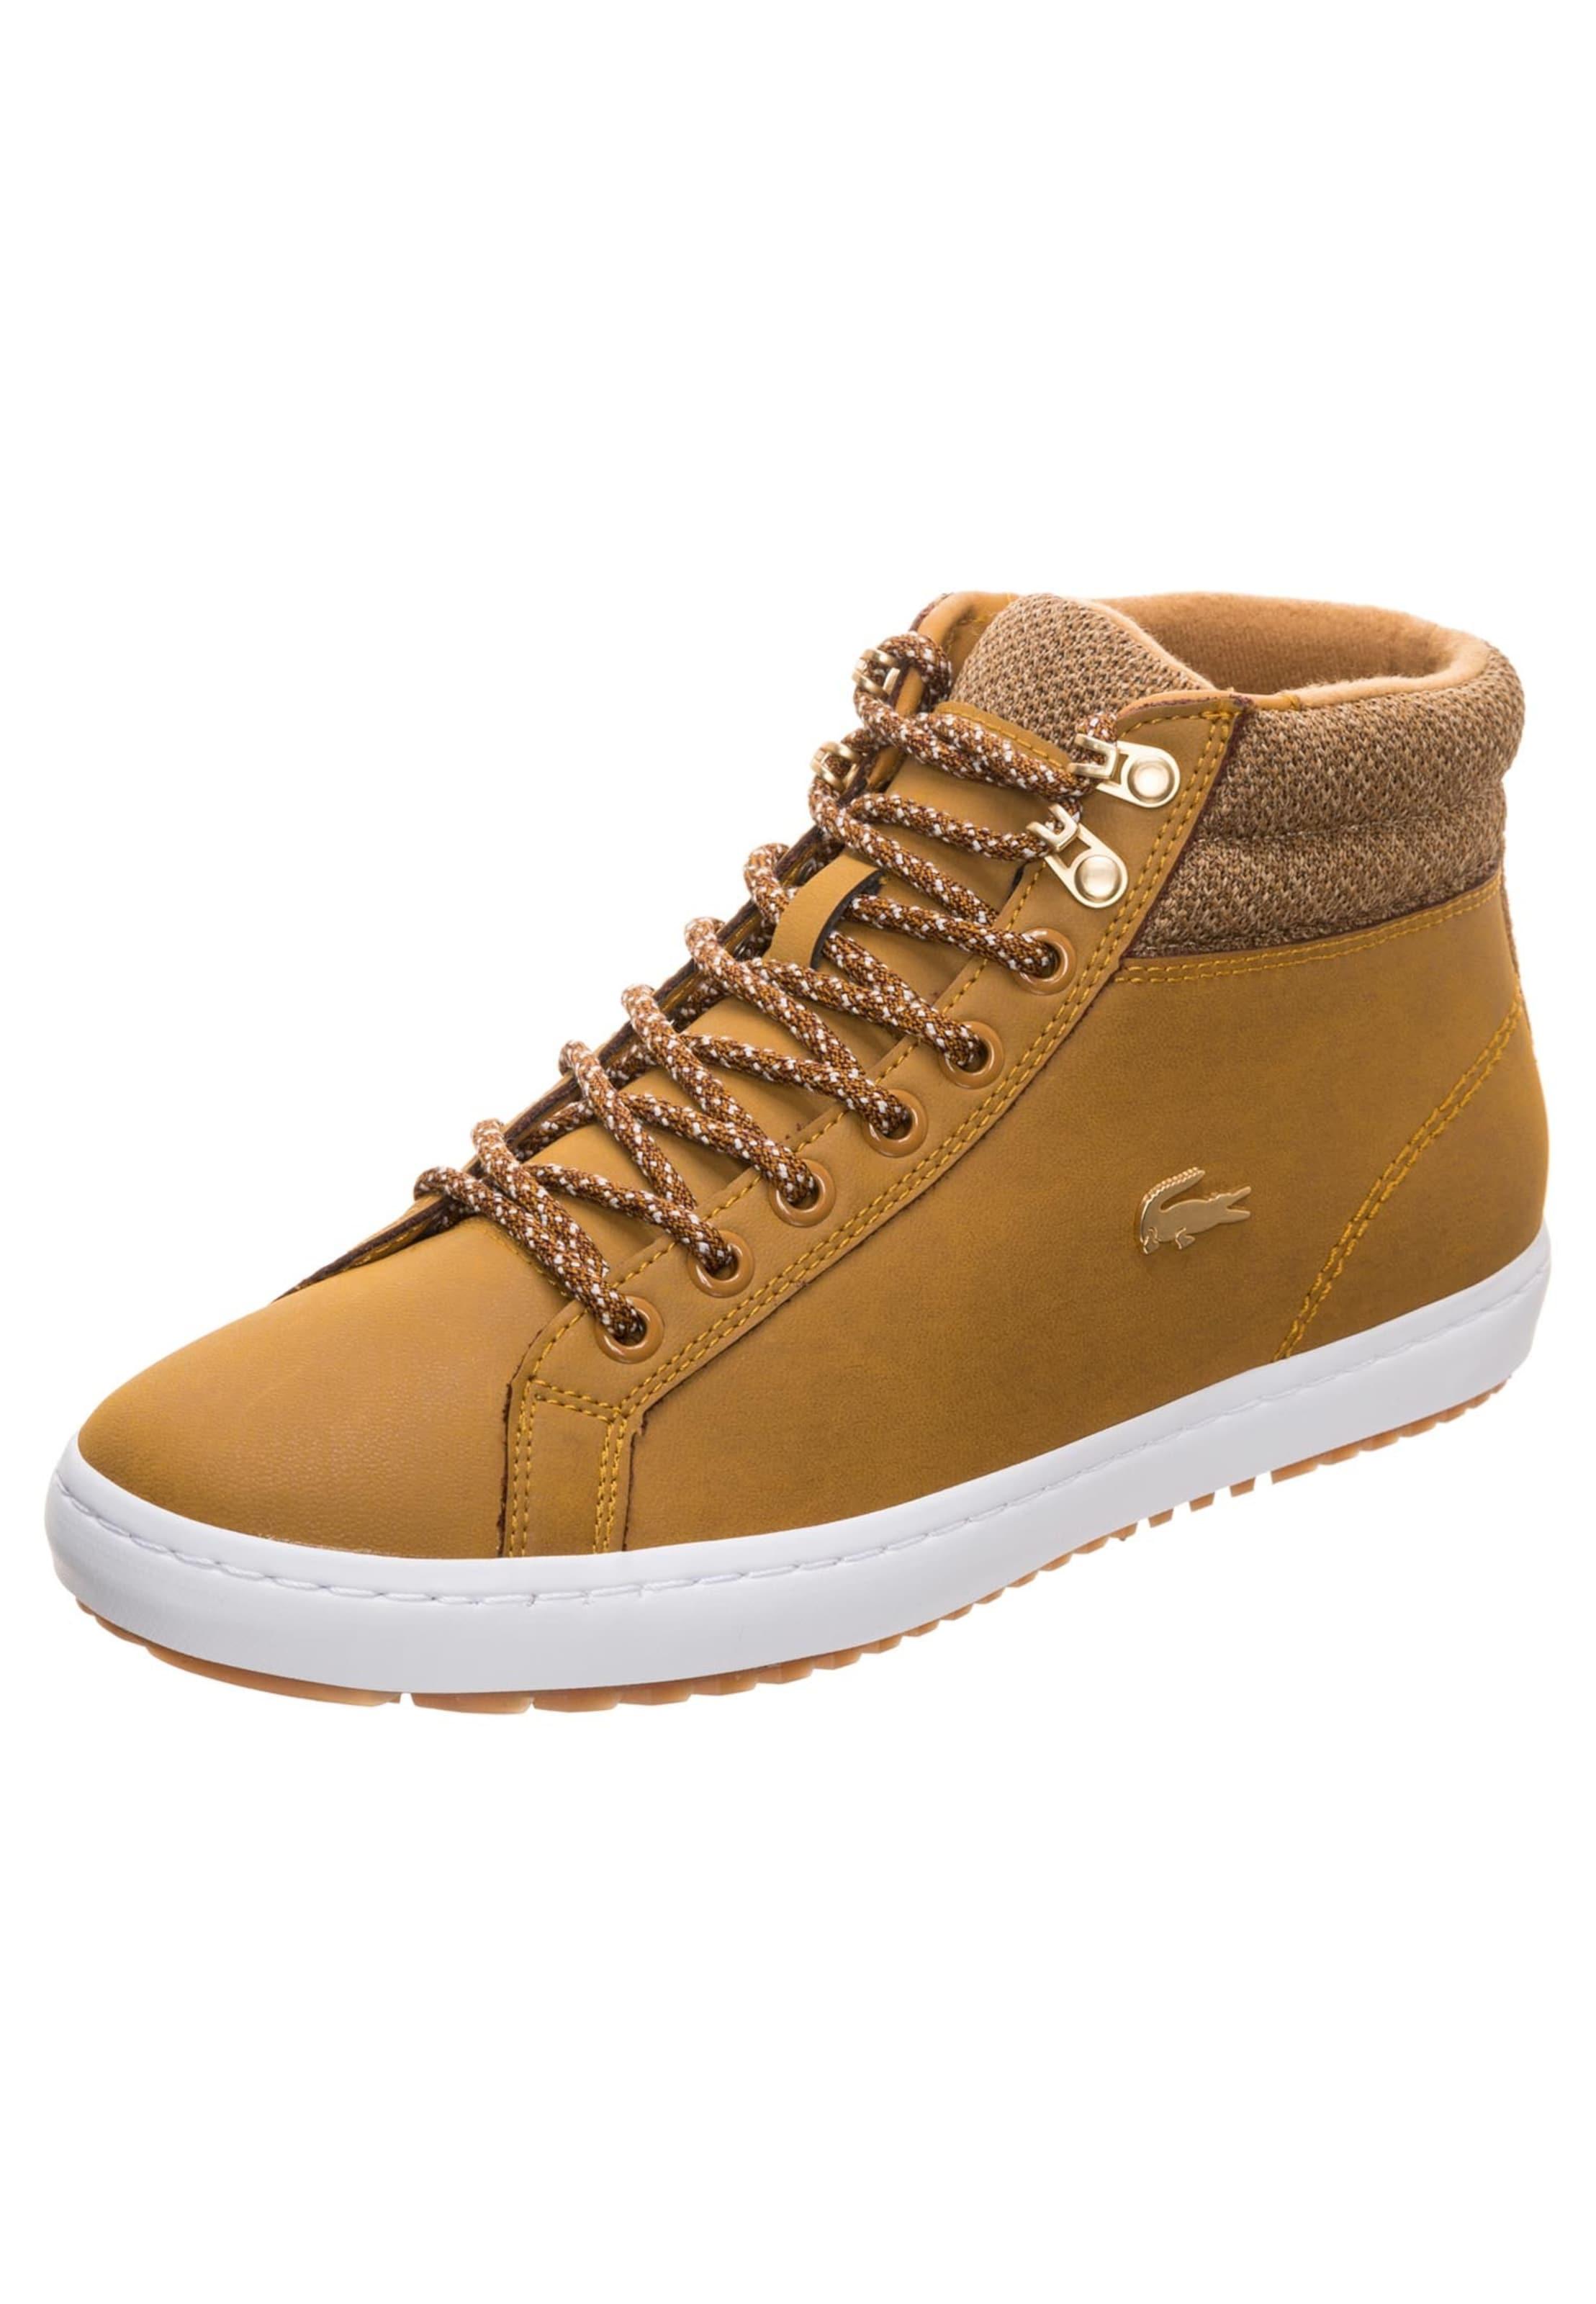 LACOSTE Sneaker STRAIGHTSET Verschleißfeste billige Schuhe